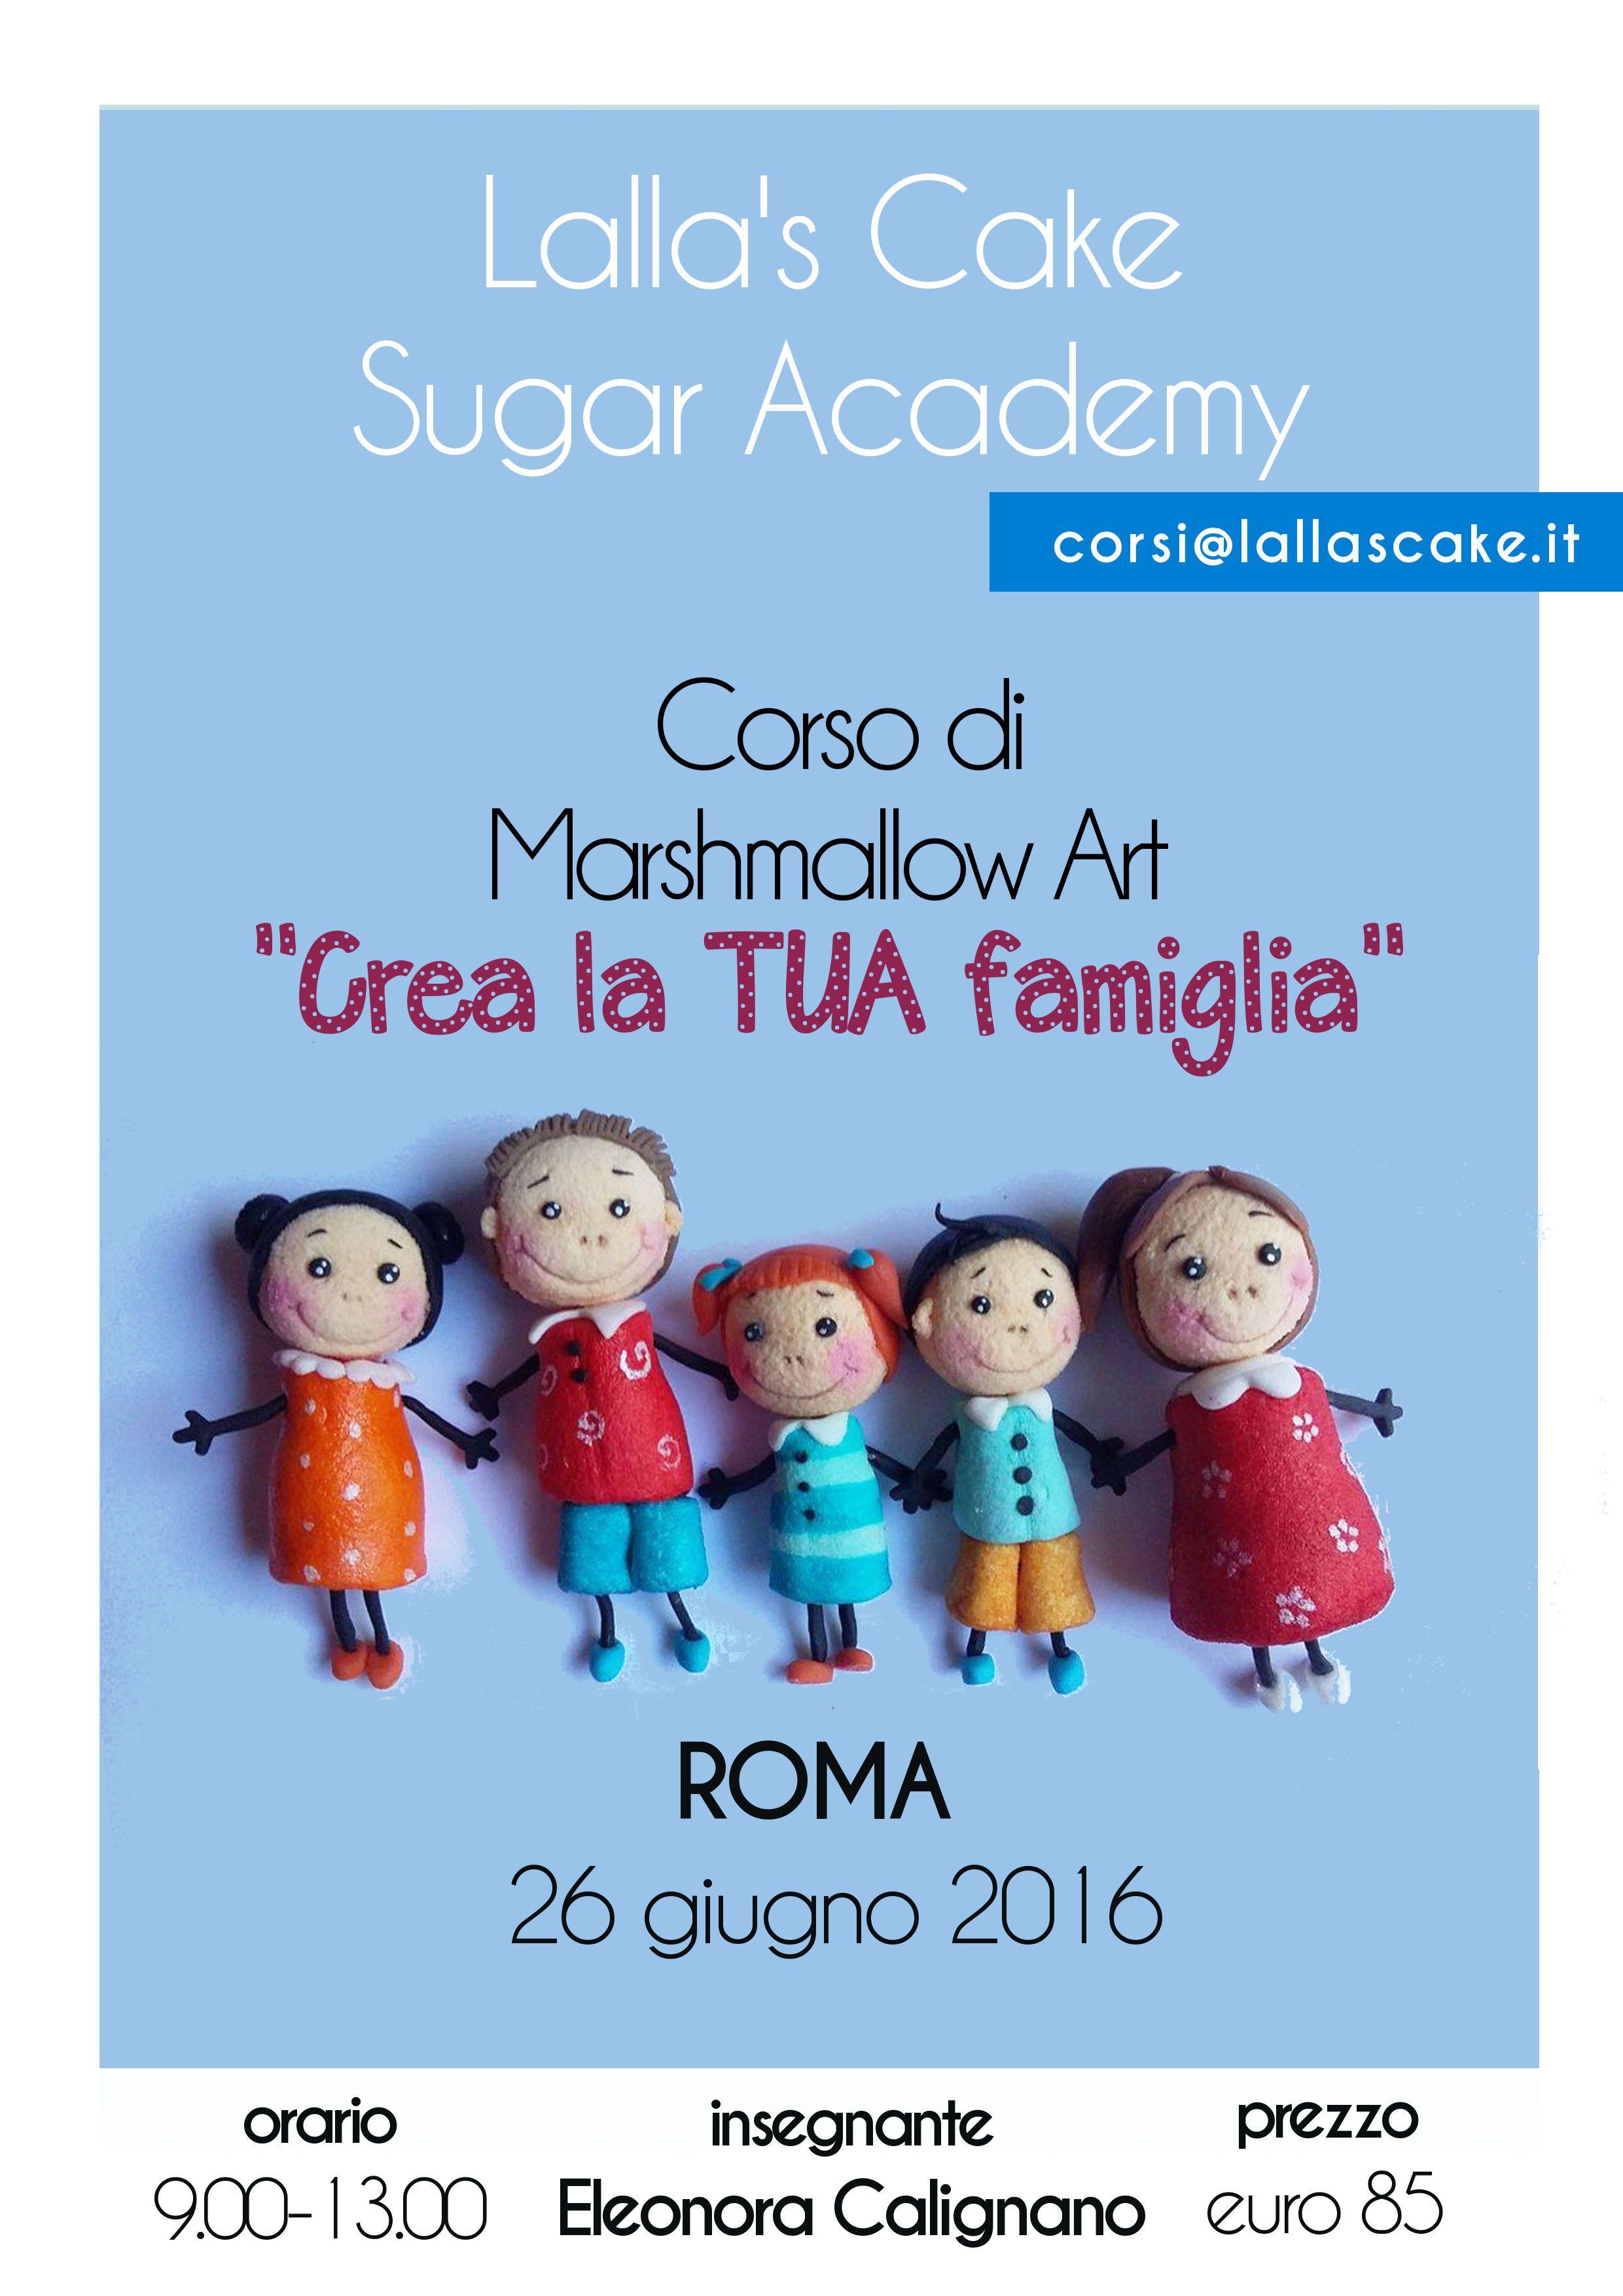 Corsi di cake design a roma marshmallow art eleonora for Corsi arredamento